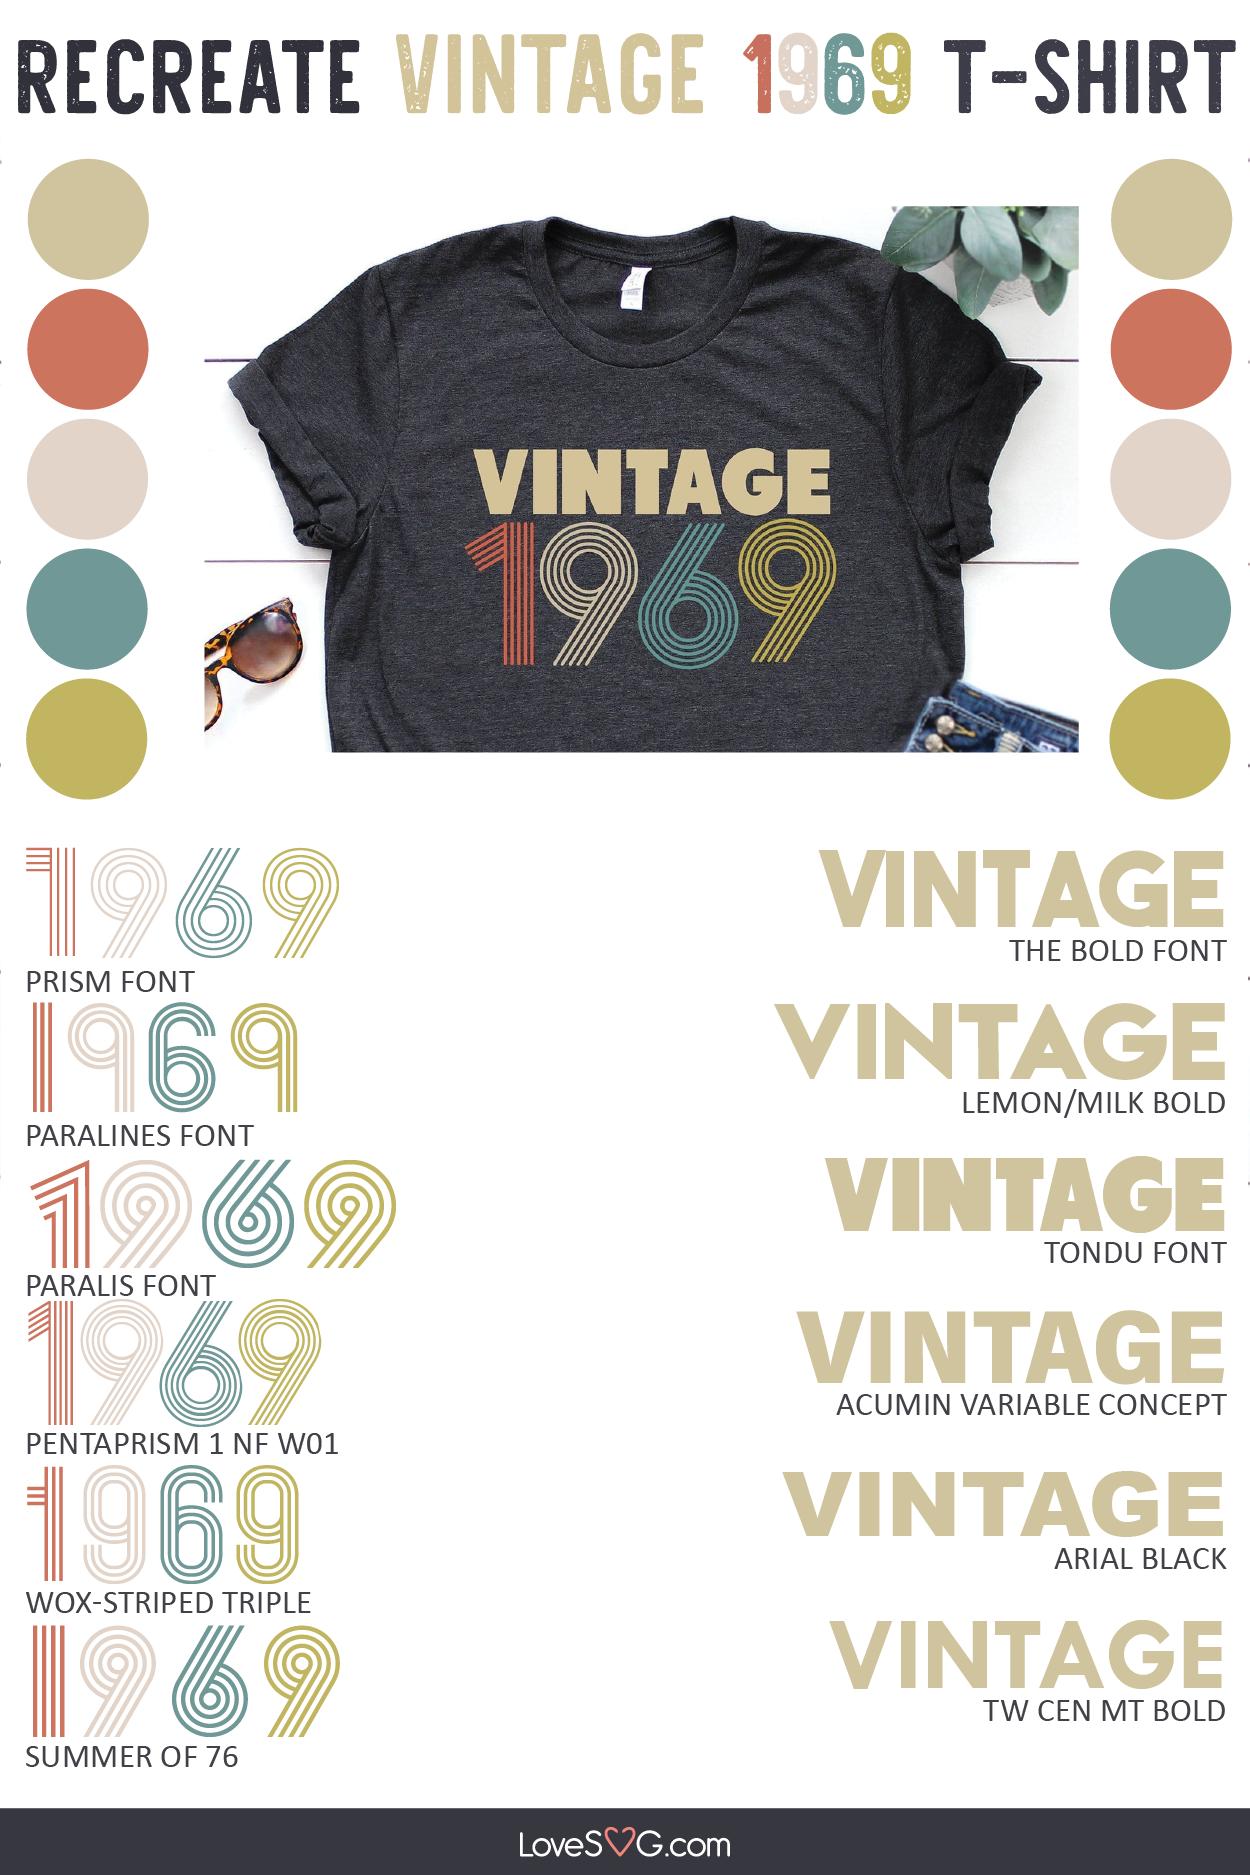 Recreate Vintage 1969 Fonts Vintage Tshirt Design Vintage Shirt Design Vintage Fonts